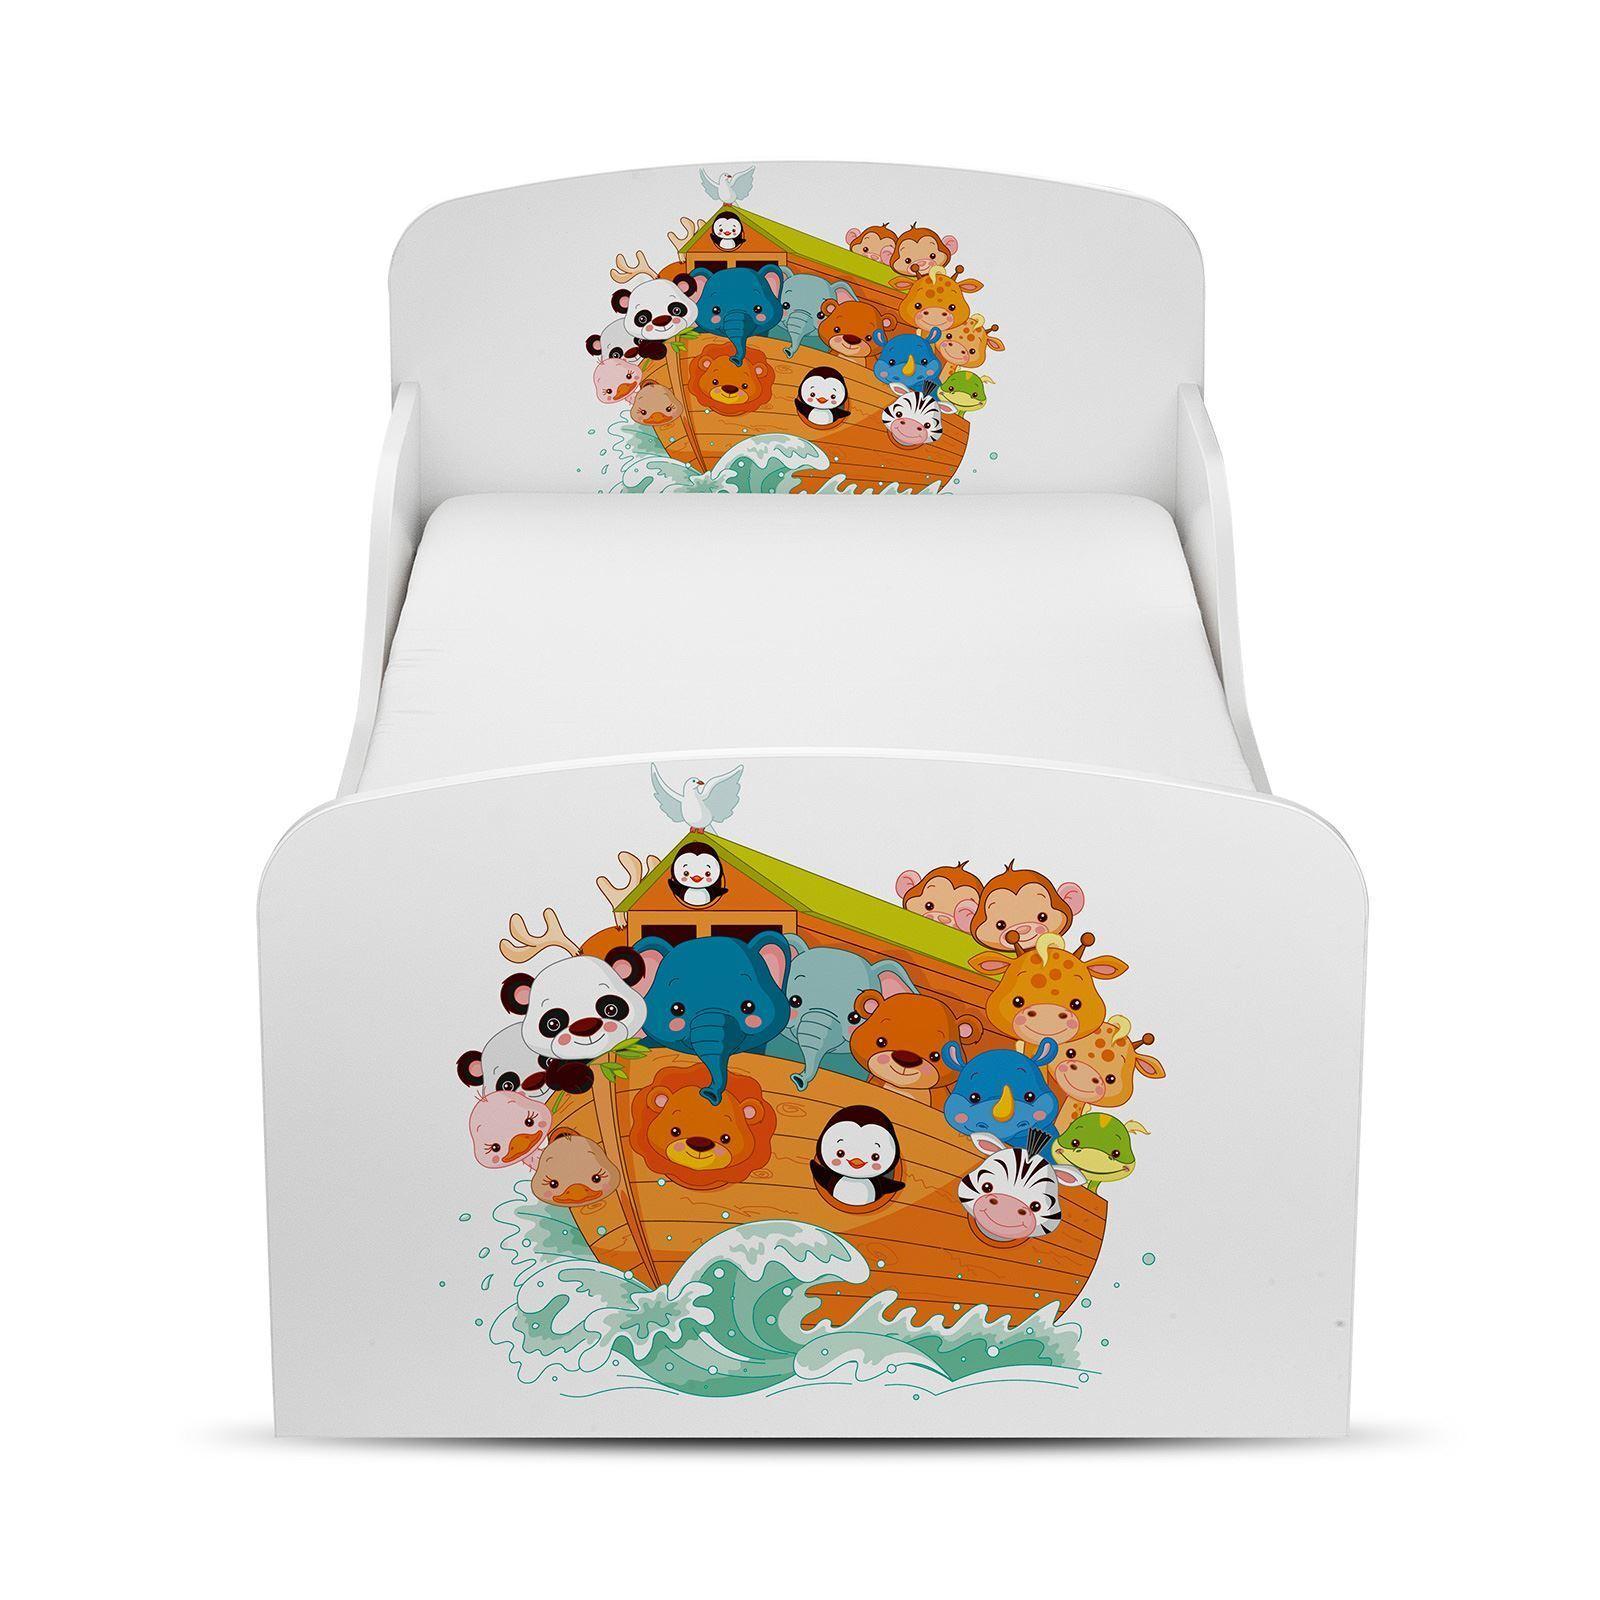 Prix de bonne maison arche de noé animaux bébé lit enfant NEUF Gratuit P + P